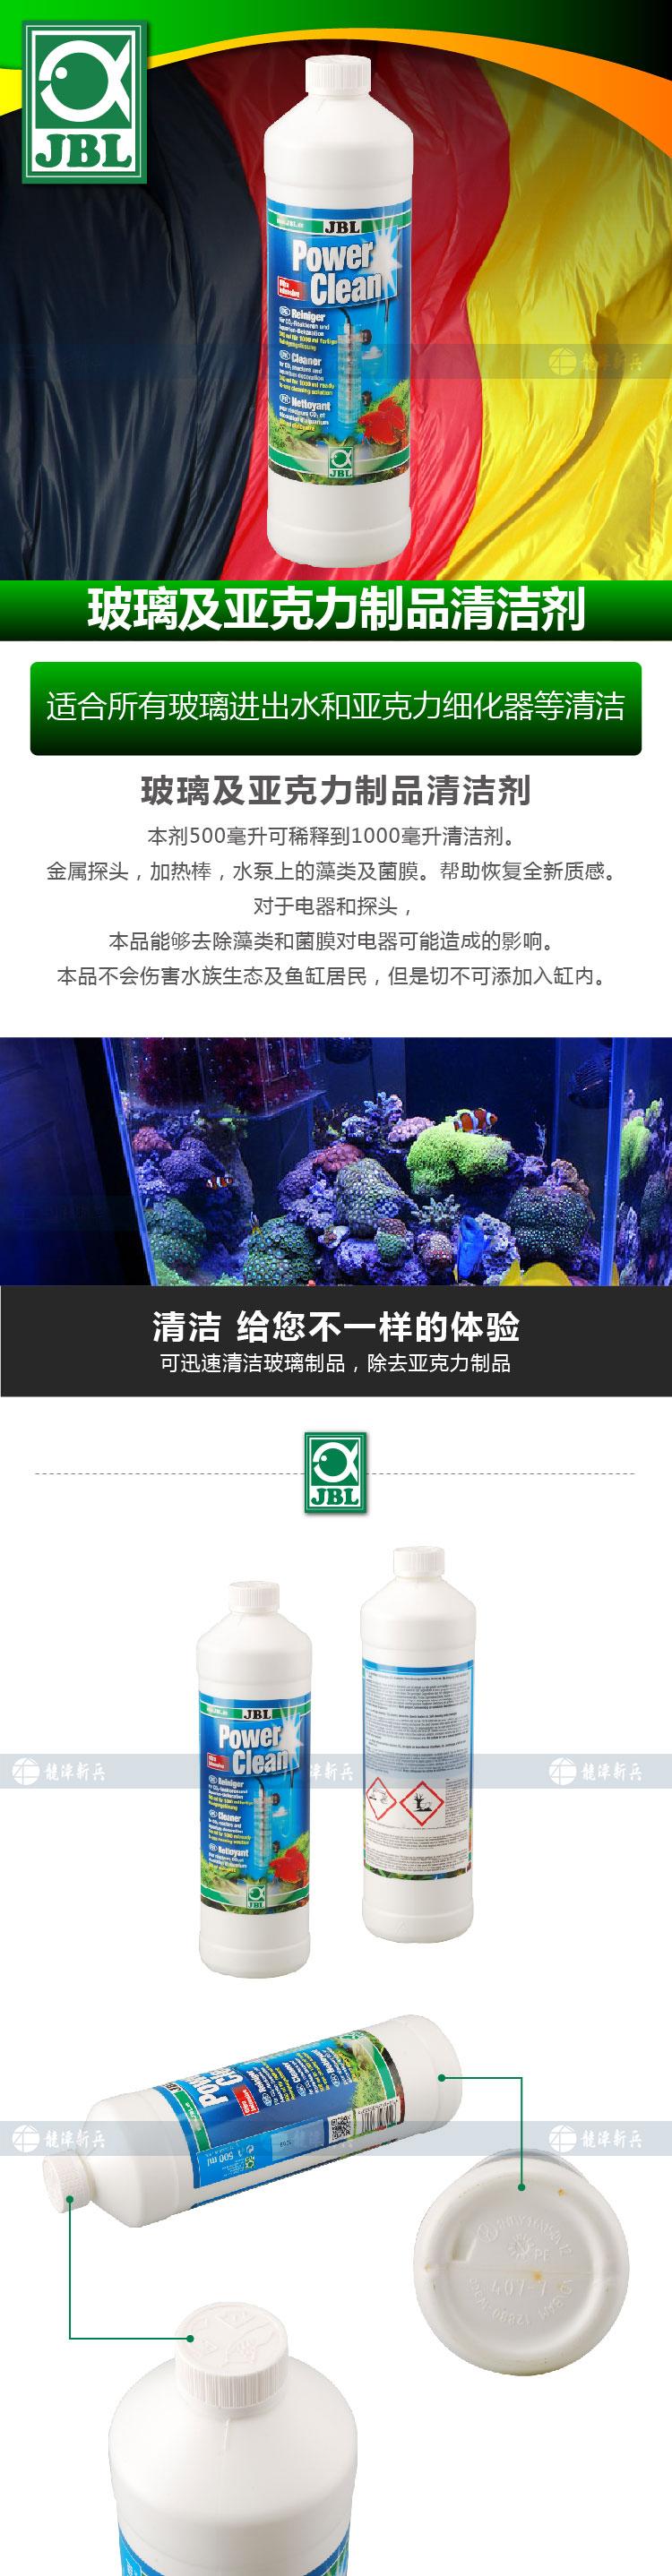 德国JBL珍宝亚克力制品清洁剂除电器探头及玻璃上细菌和藻类-详情图.jpg